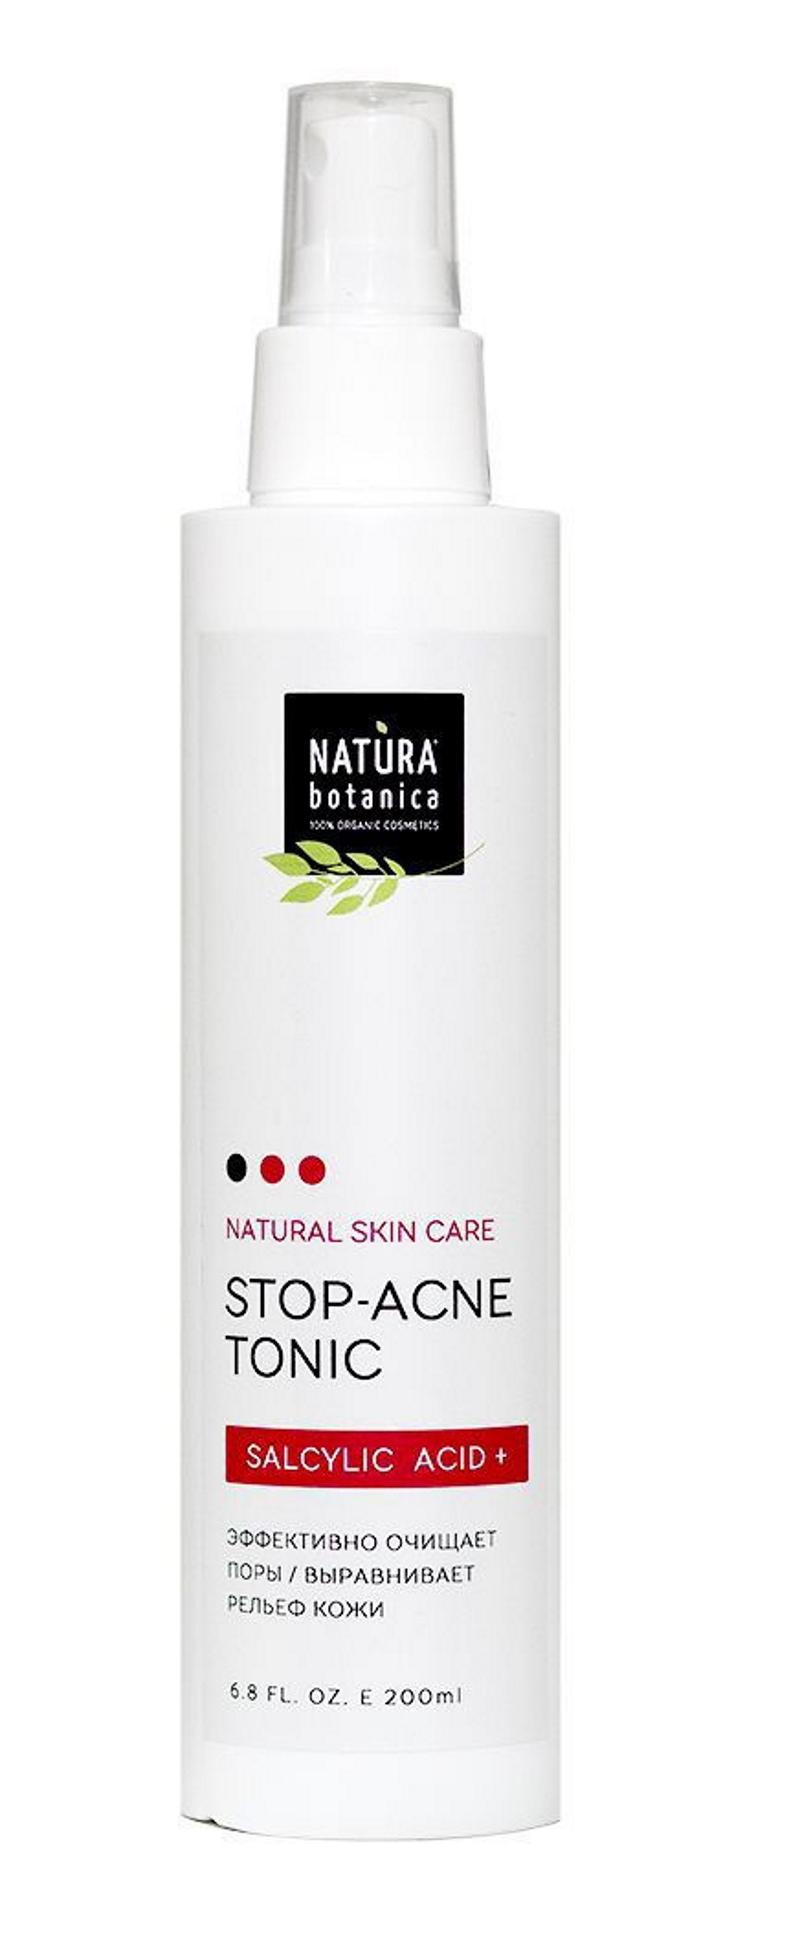 Natura Botanica, Stop Acne